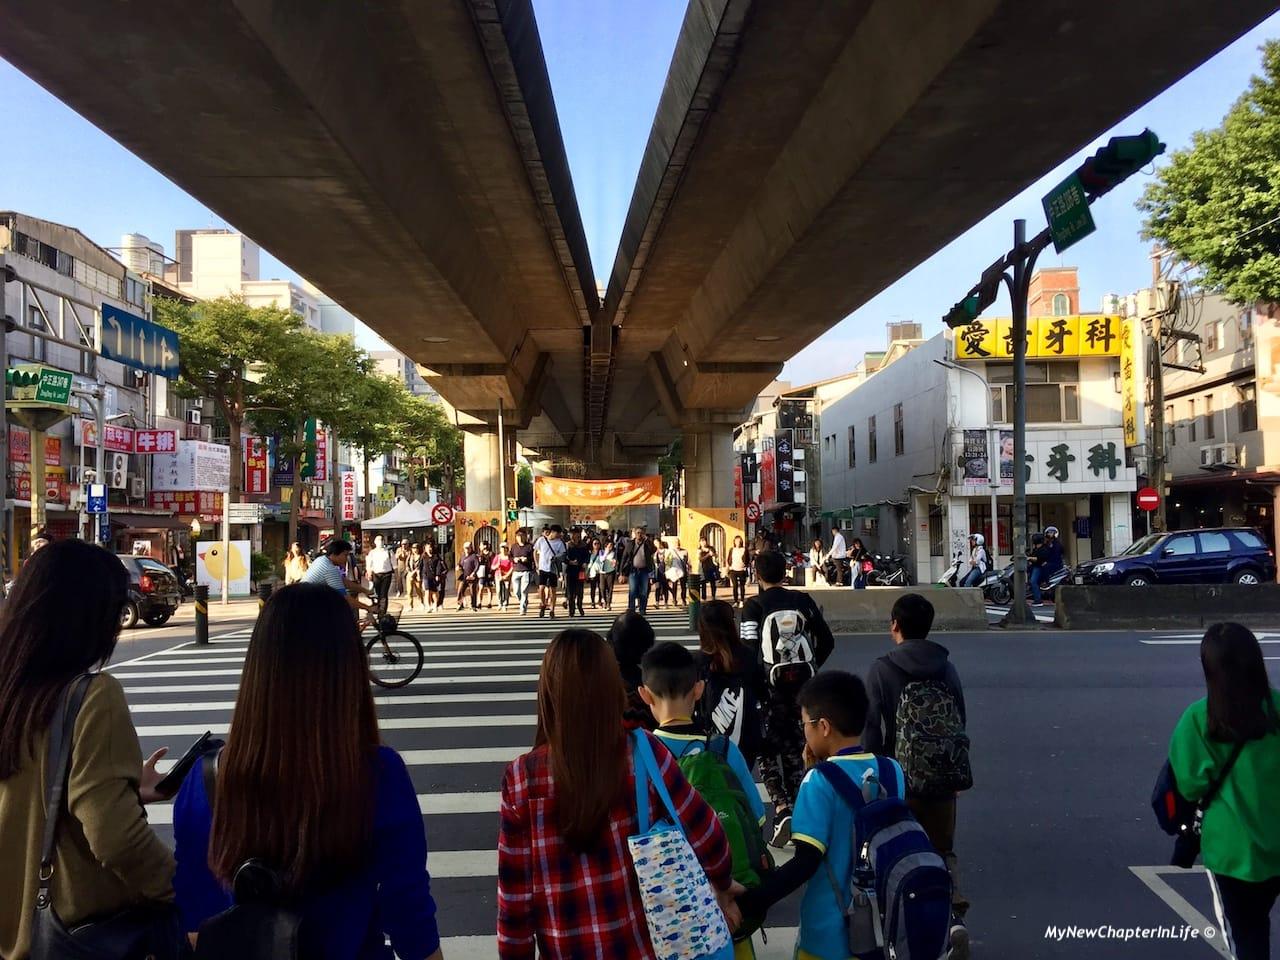 㨗運高架橋下的舊街文創市集 Gue Gei Market under the MRT Elevated Bridge